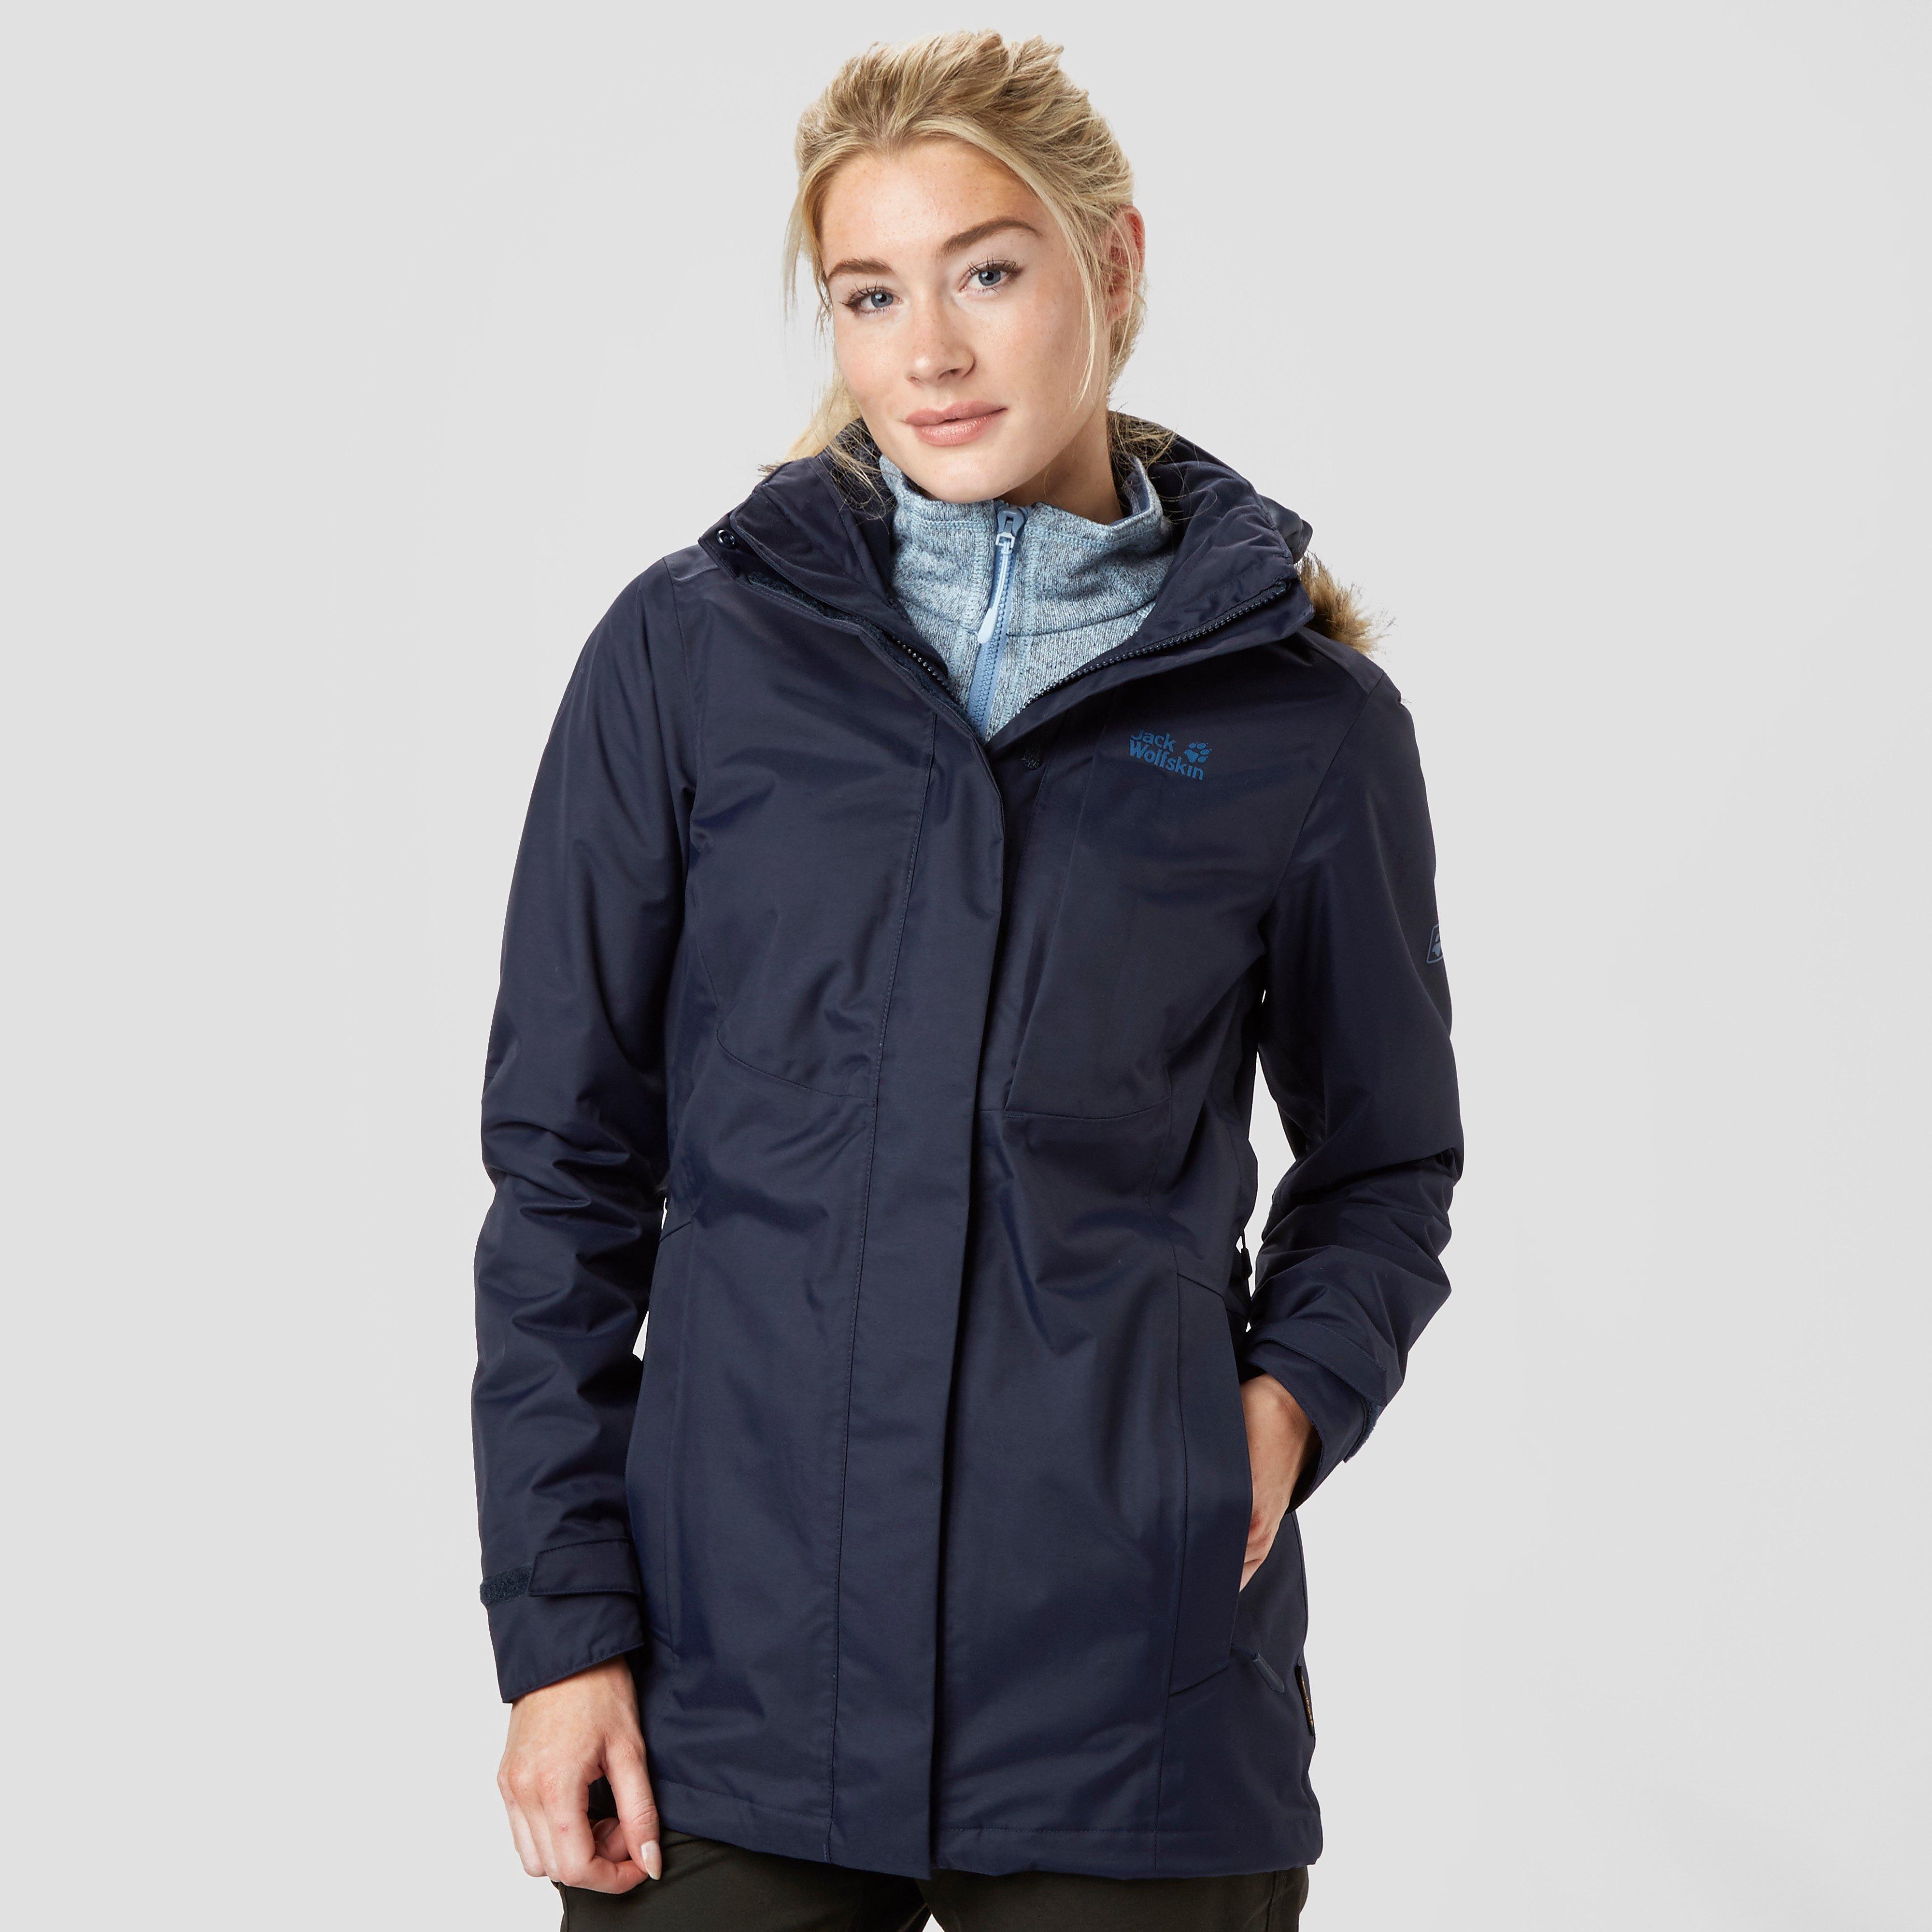 JACK WOLFSKIN Arctic Ocean Women's 3-in-1 Jacket